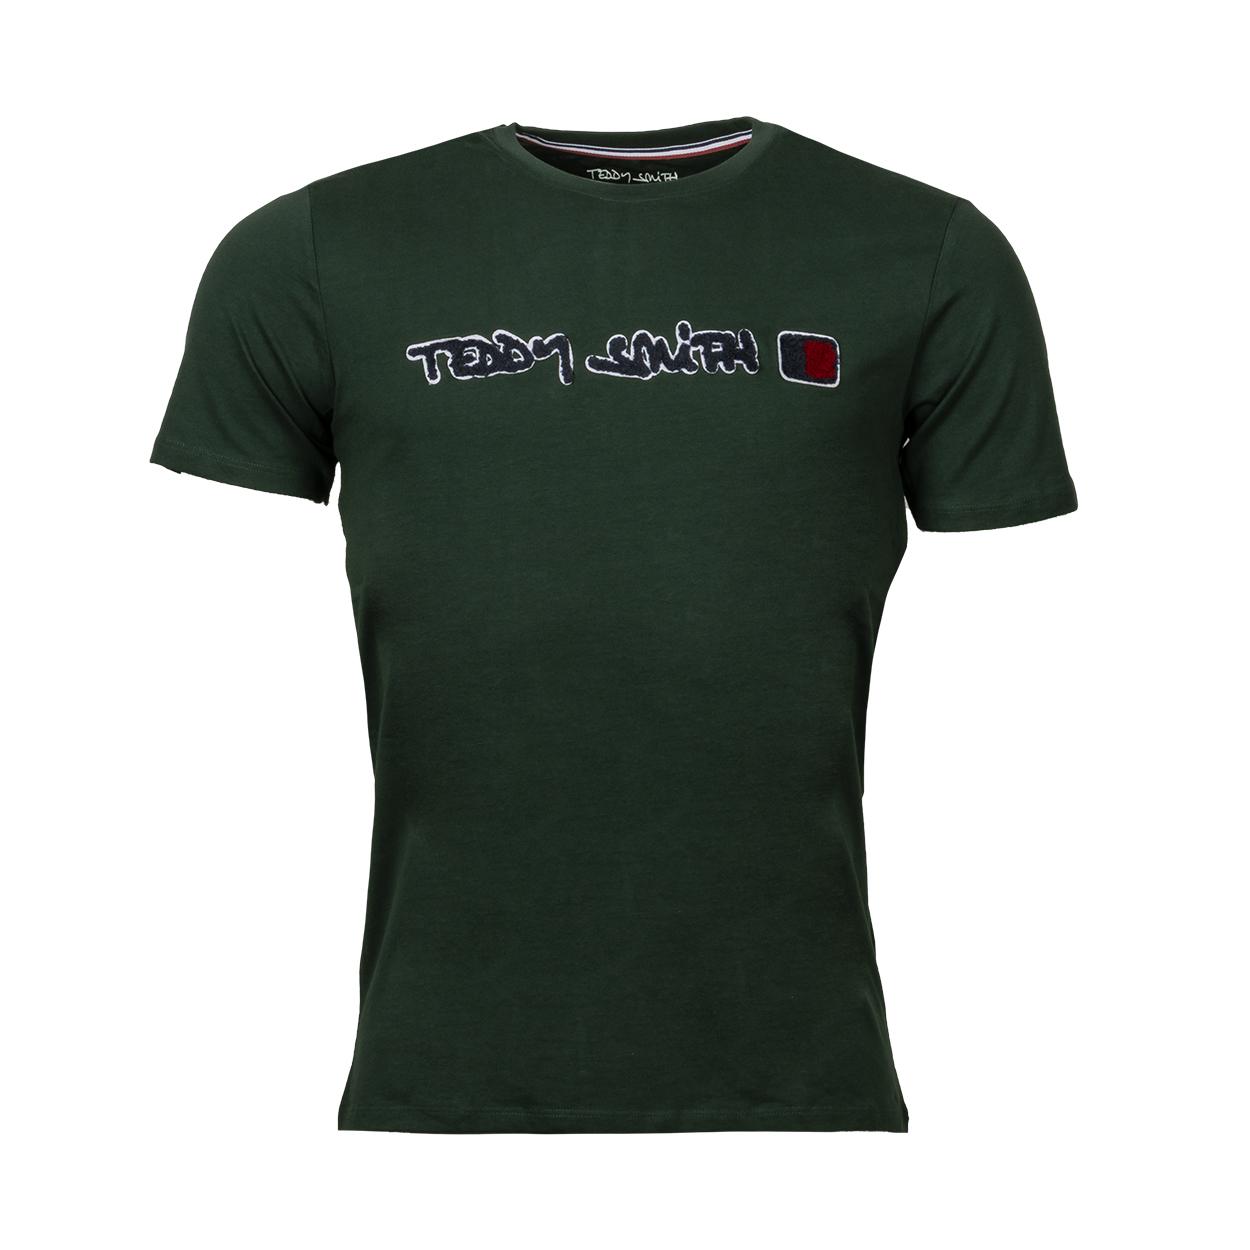 Tee-shirt col rond  tclap en coton vert sapin floqué bleu marine